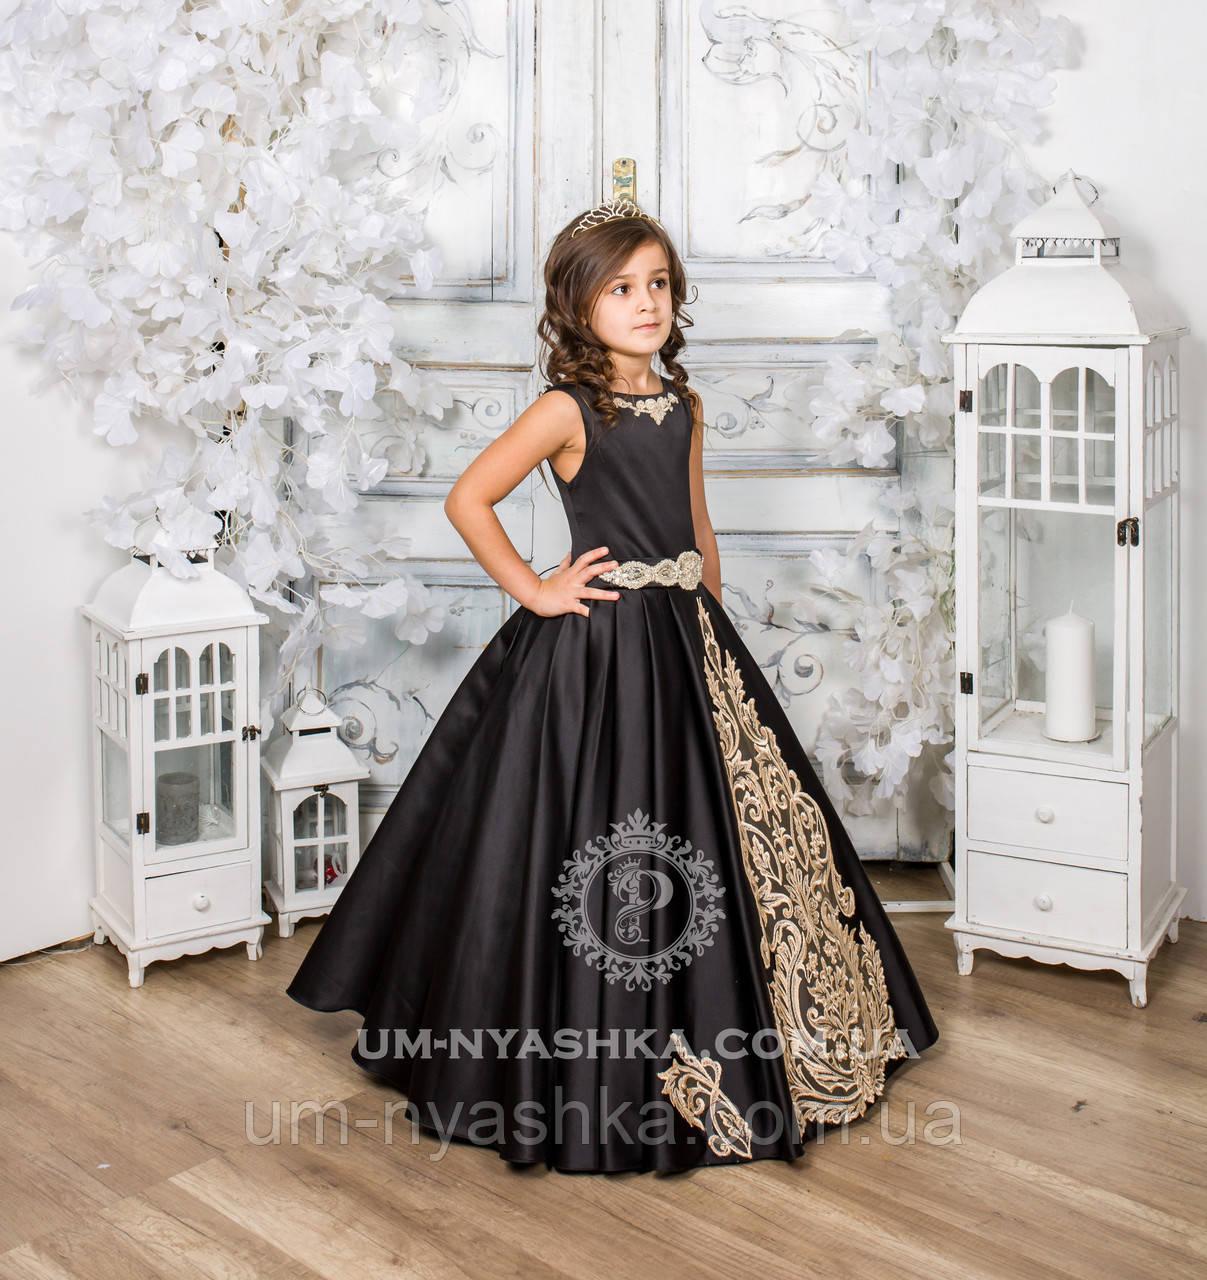 Шикарне довге плаття з золотим купоном на 6-10 років